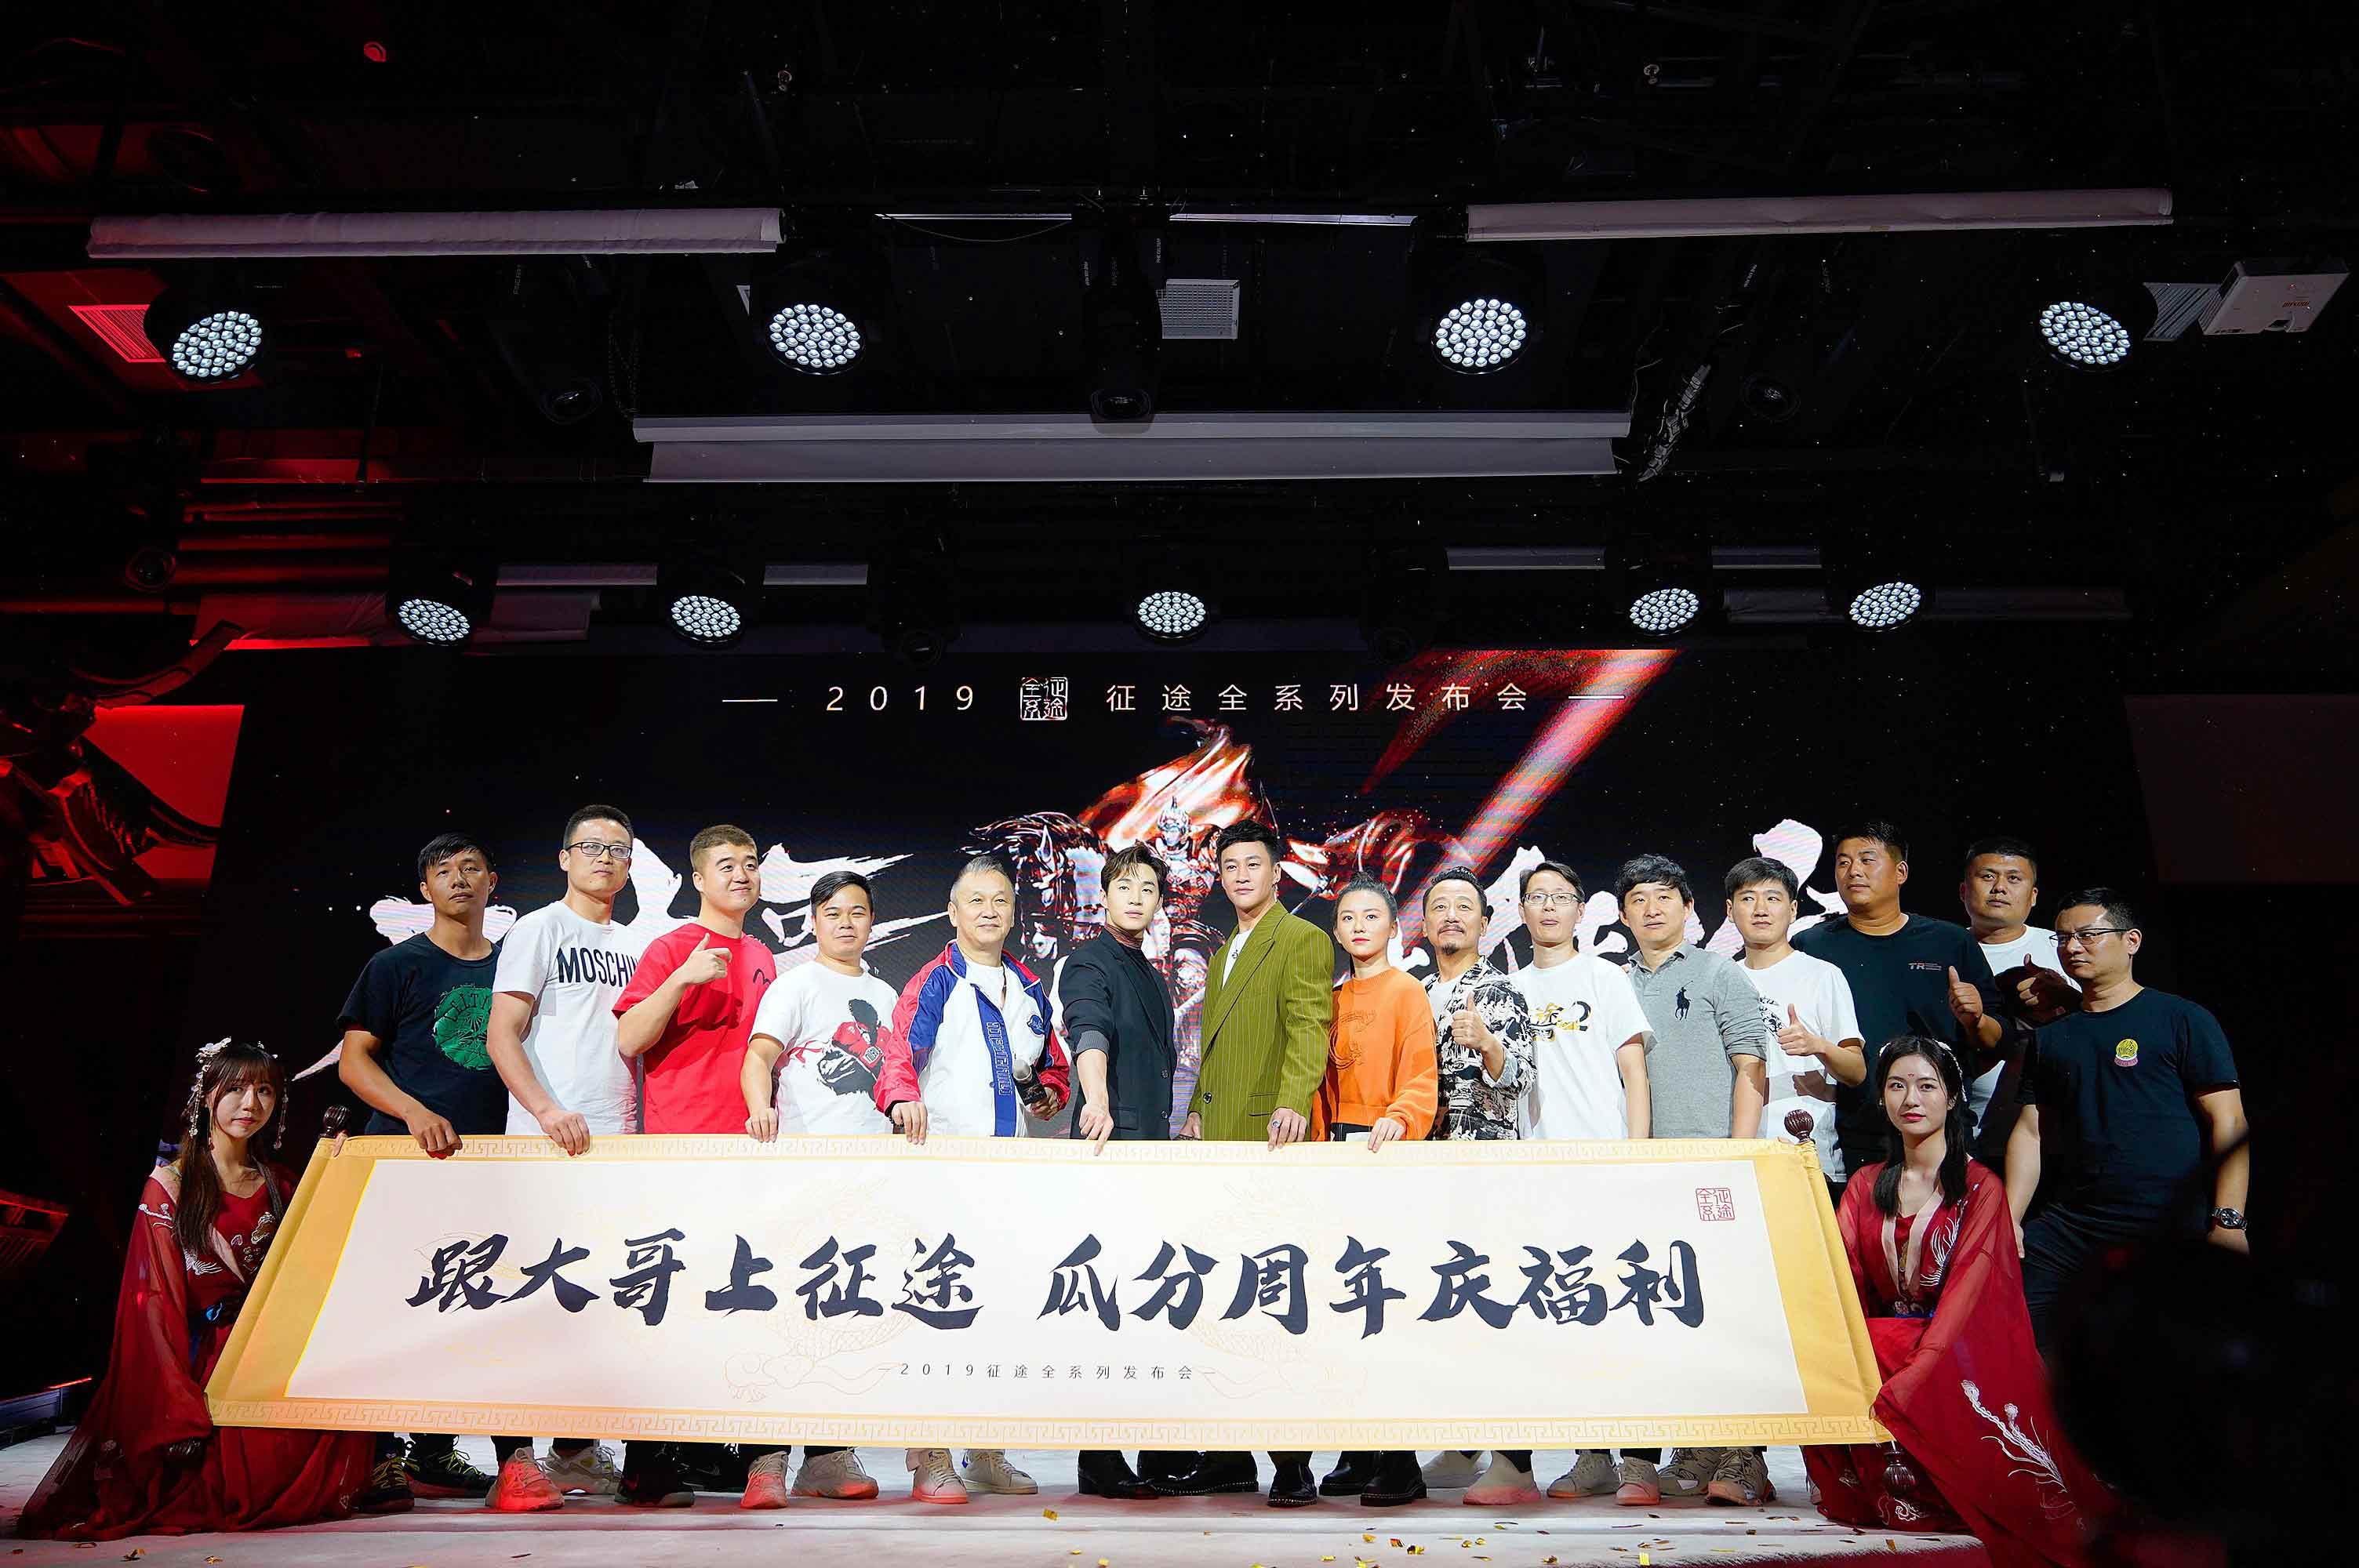 刘宪华何润东现身征途全系发布会 开启亿元福利